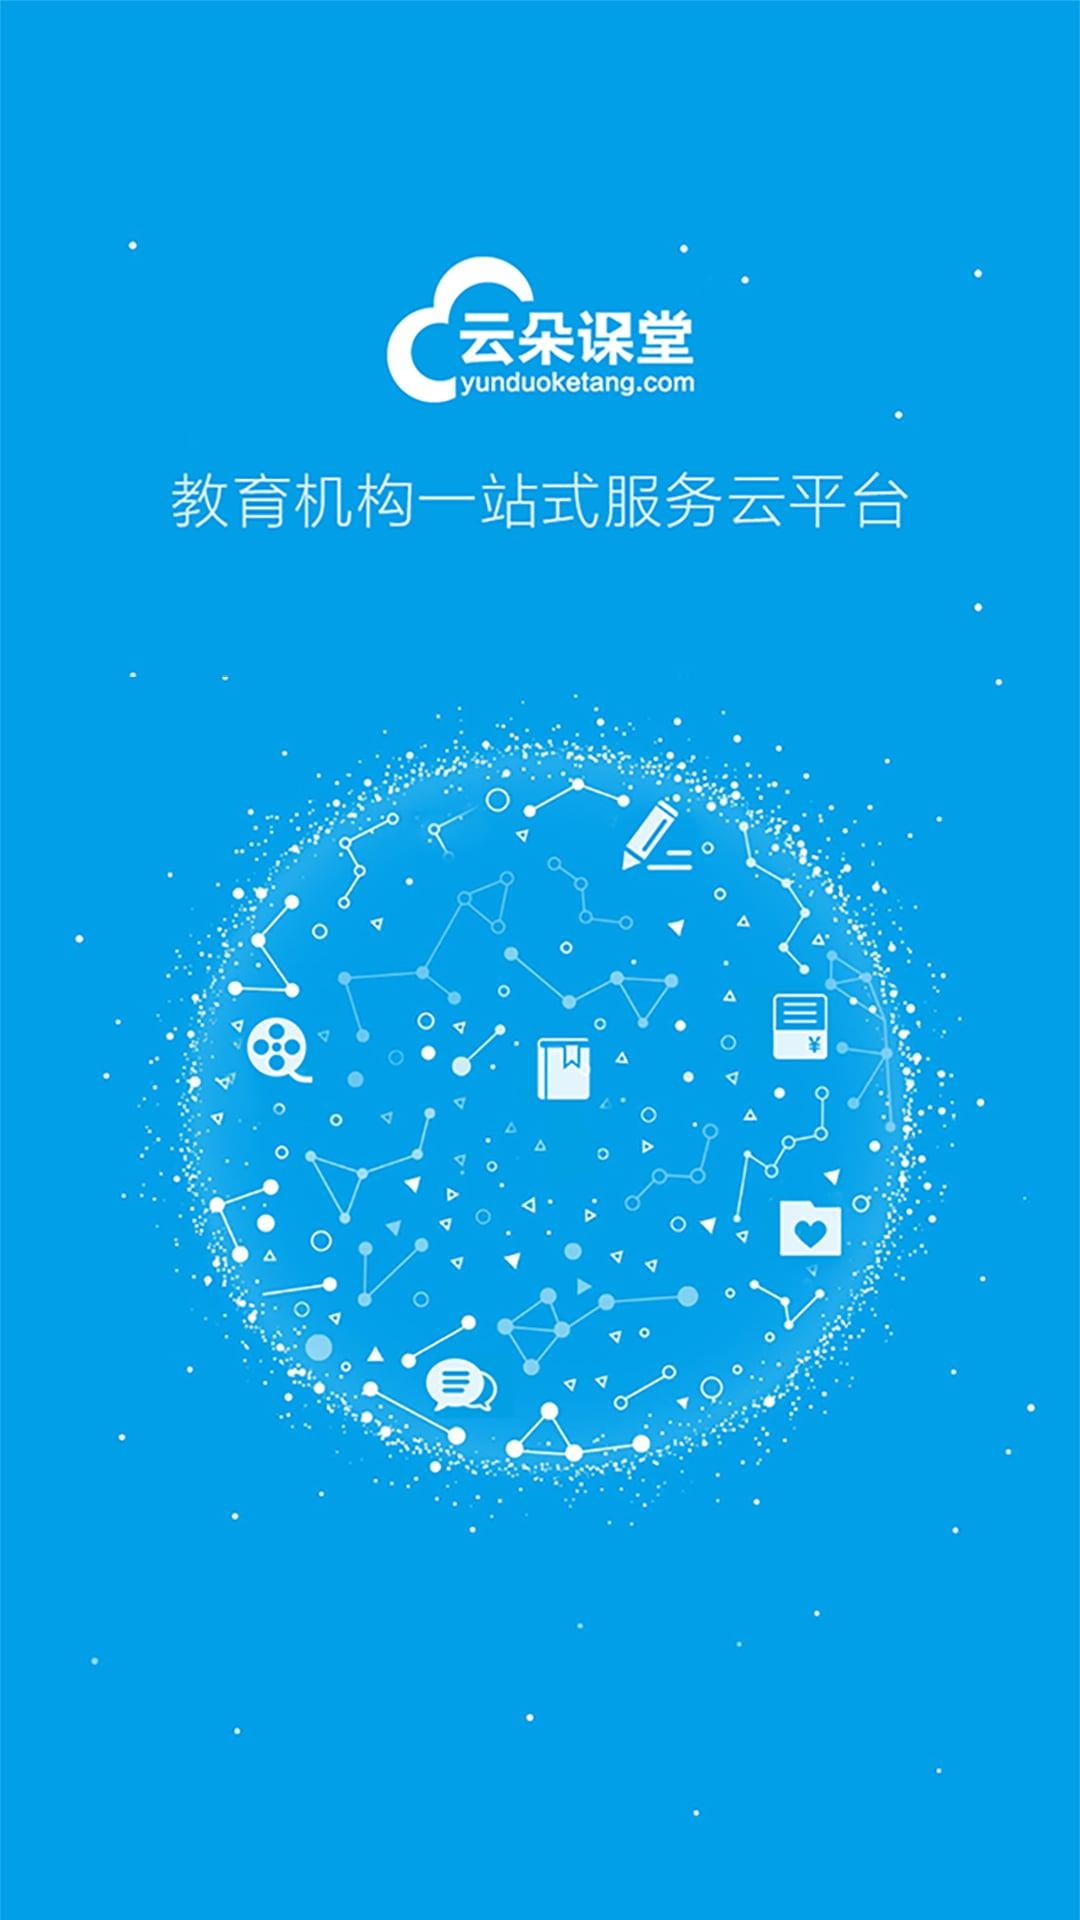 云朵课堂 V3.7.0 安卓版截图1